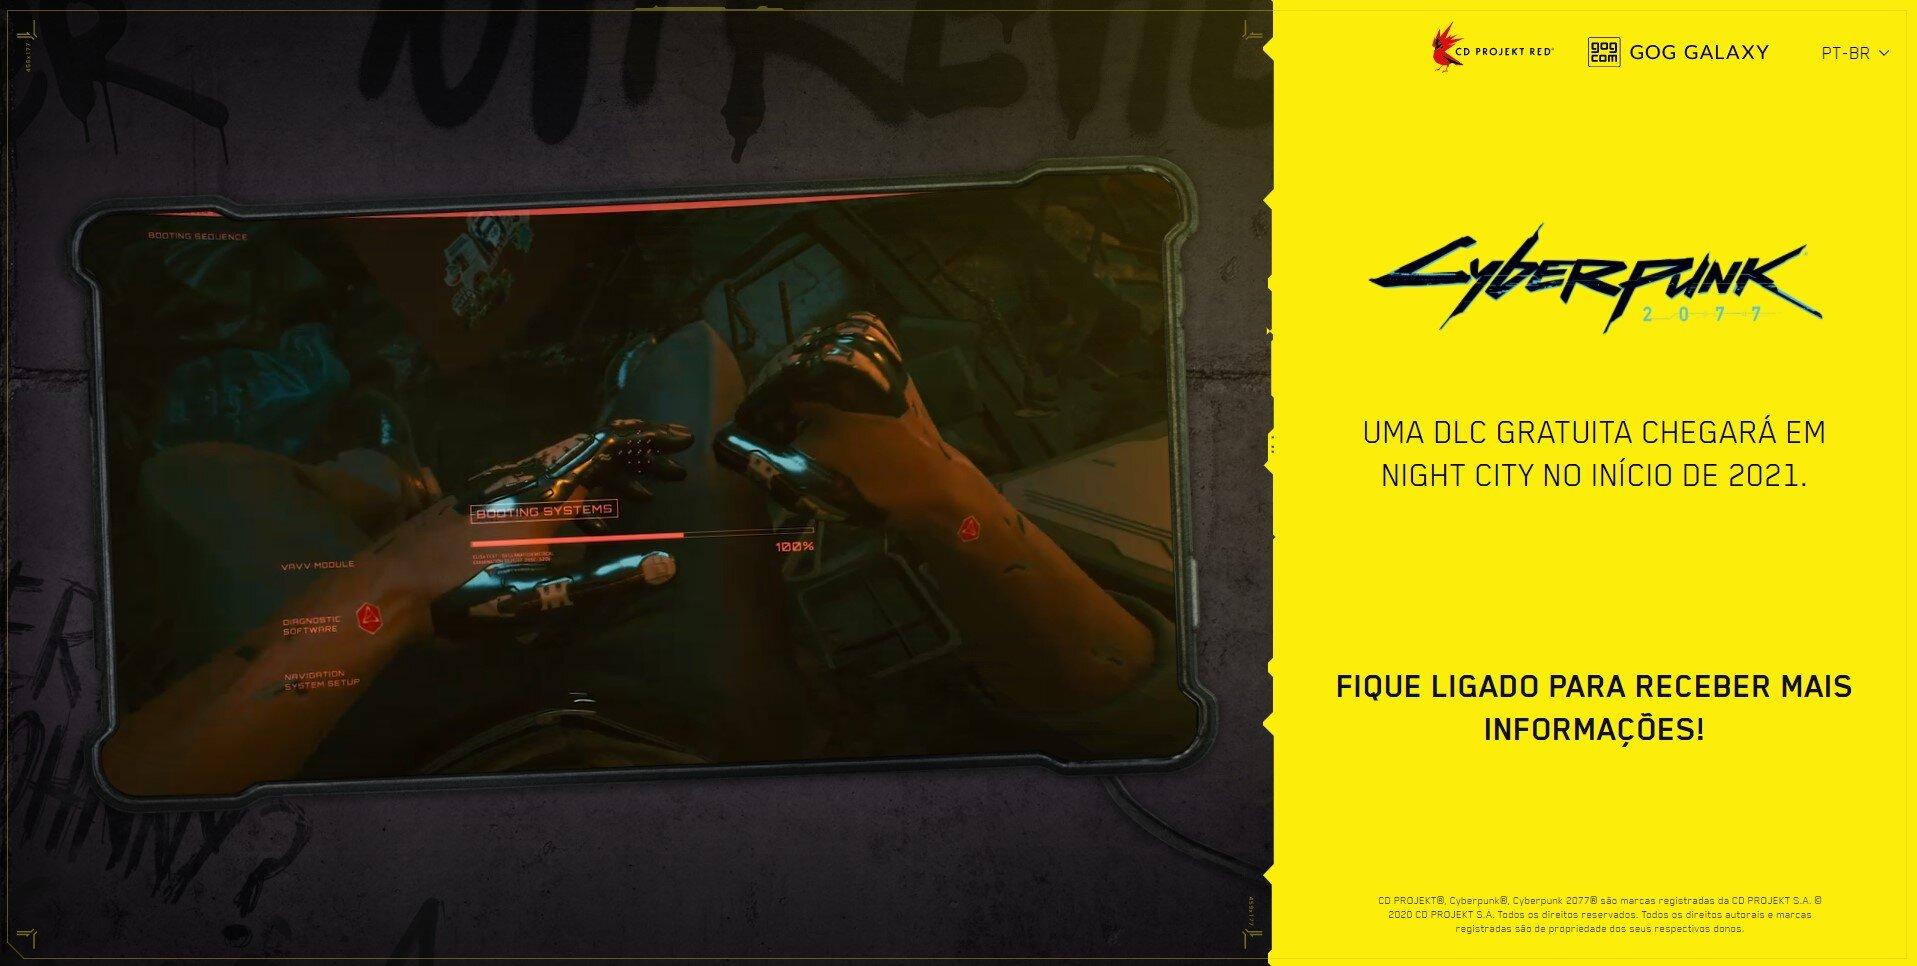 DLC de Cyberpunk 2077 no início de 2021